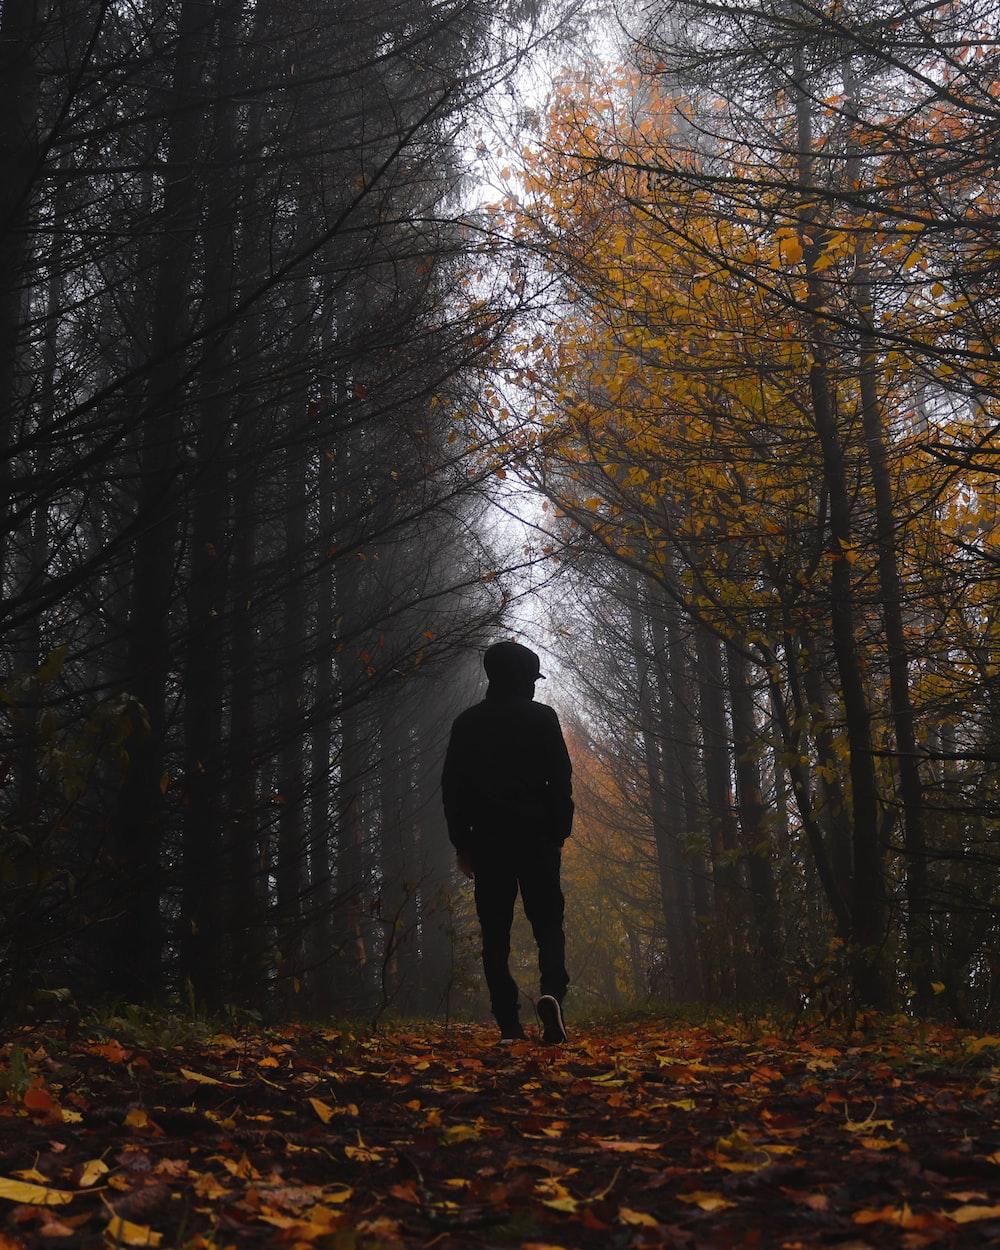 person walking on leafy field near trees